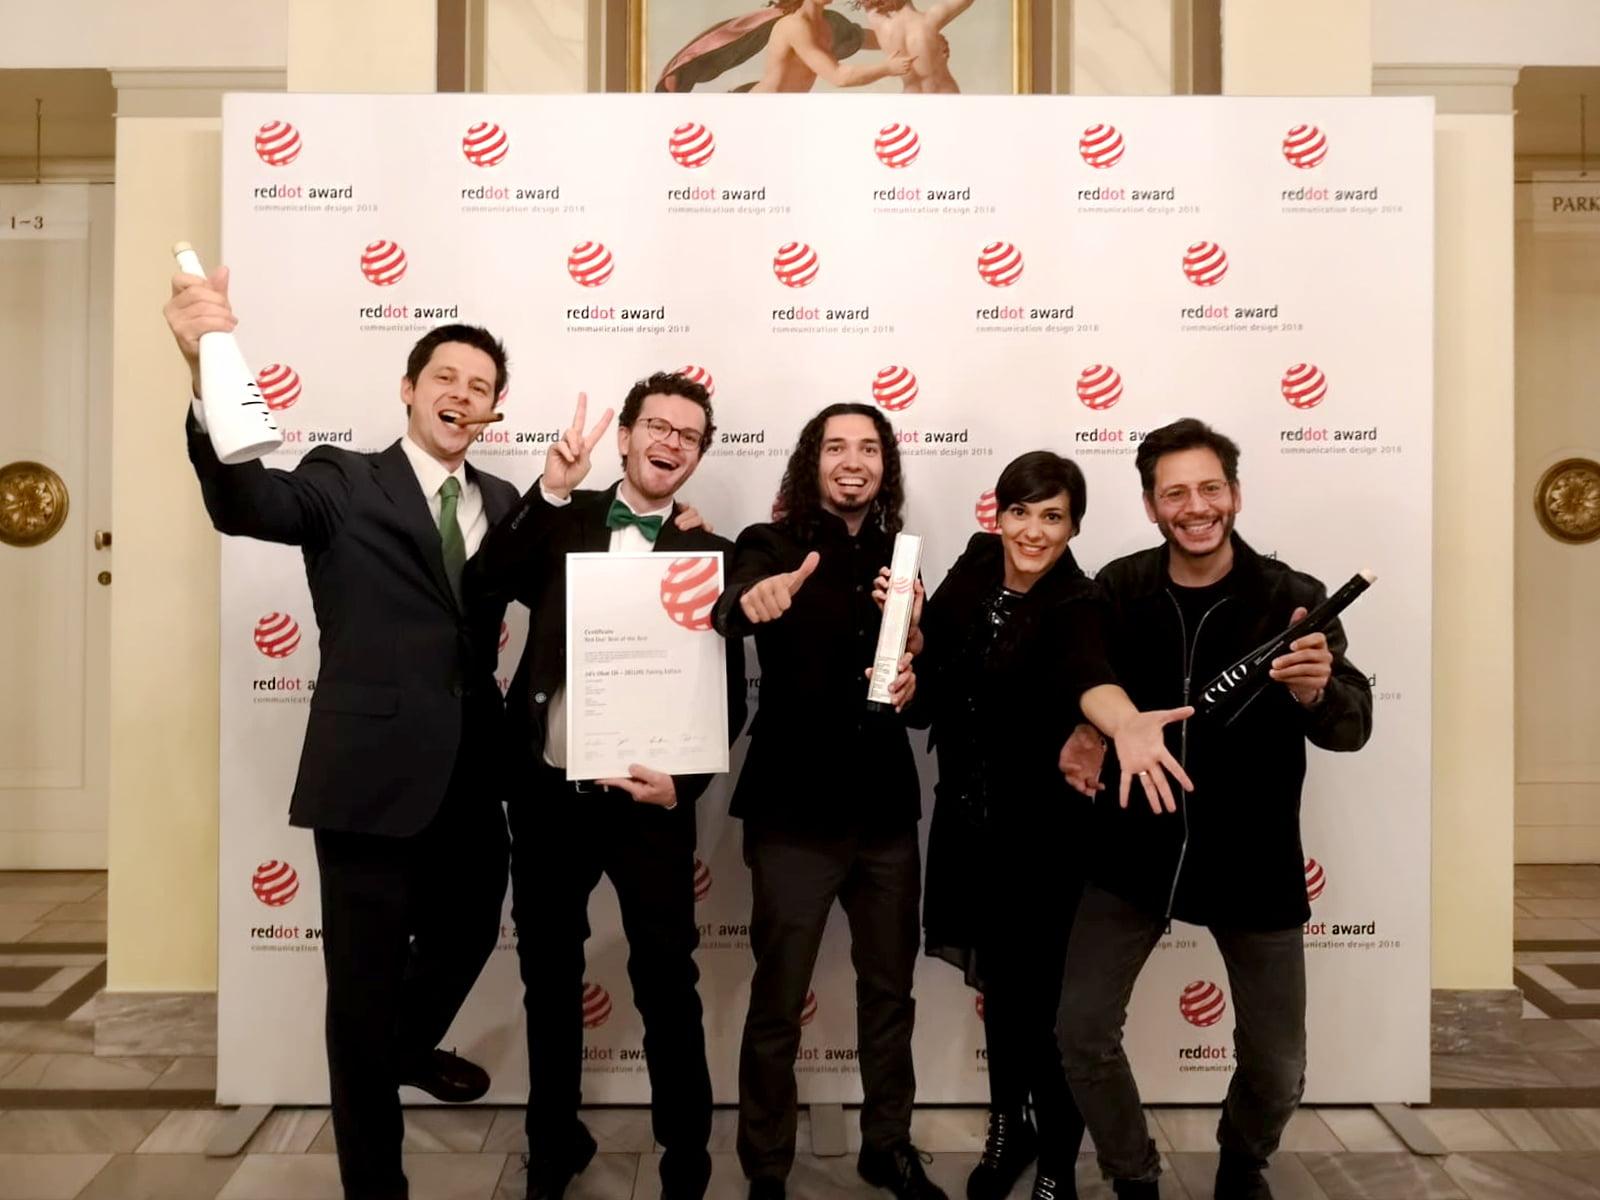 Red dot award winner team 2018 - Mediactiu consigue la máxima distinción de los Premios Red Dot Award 2018 de packaging